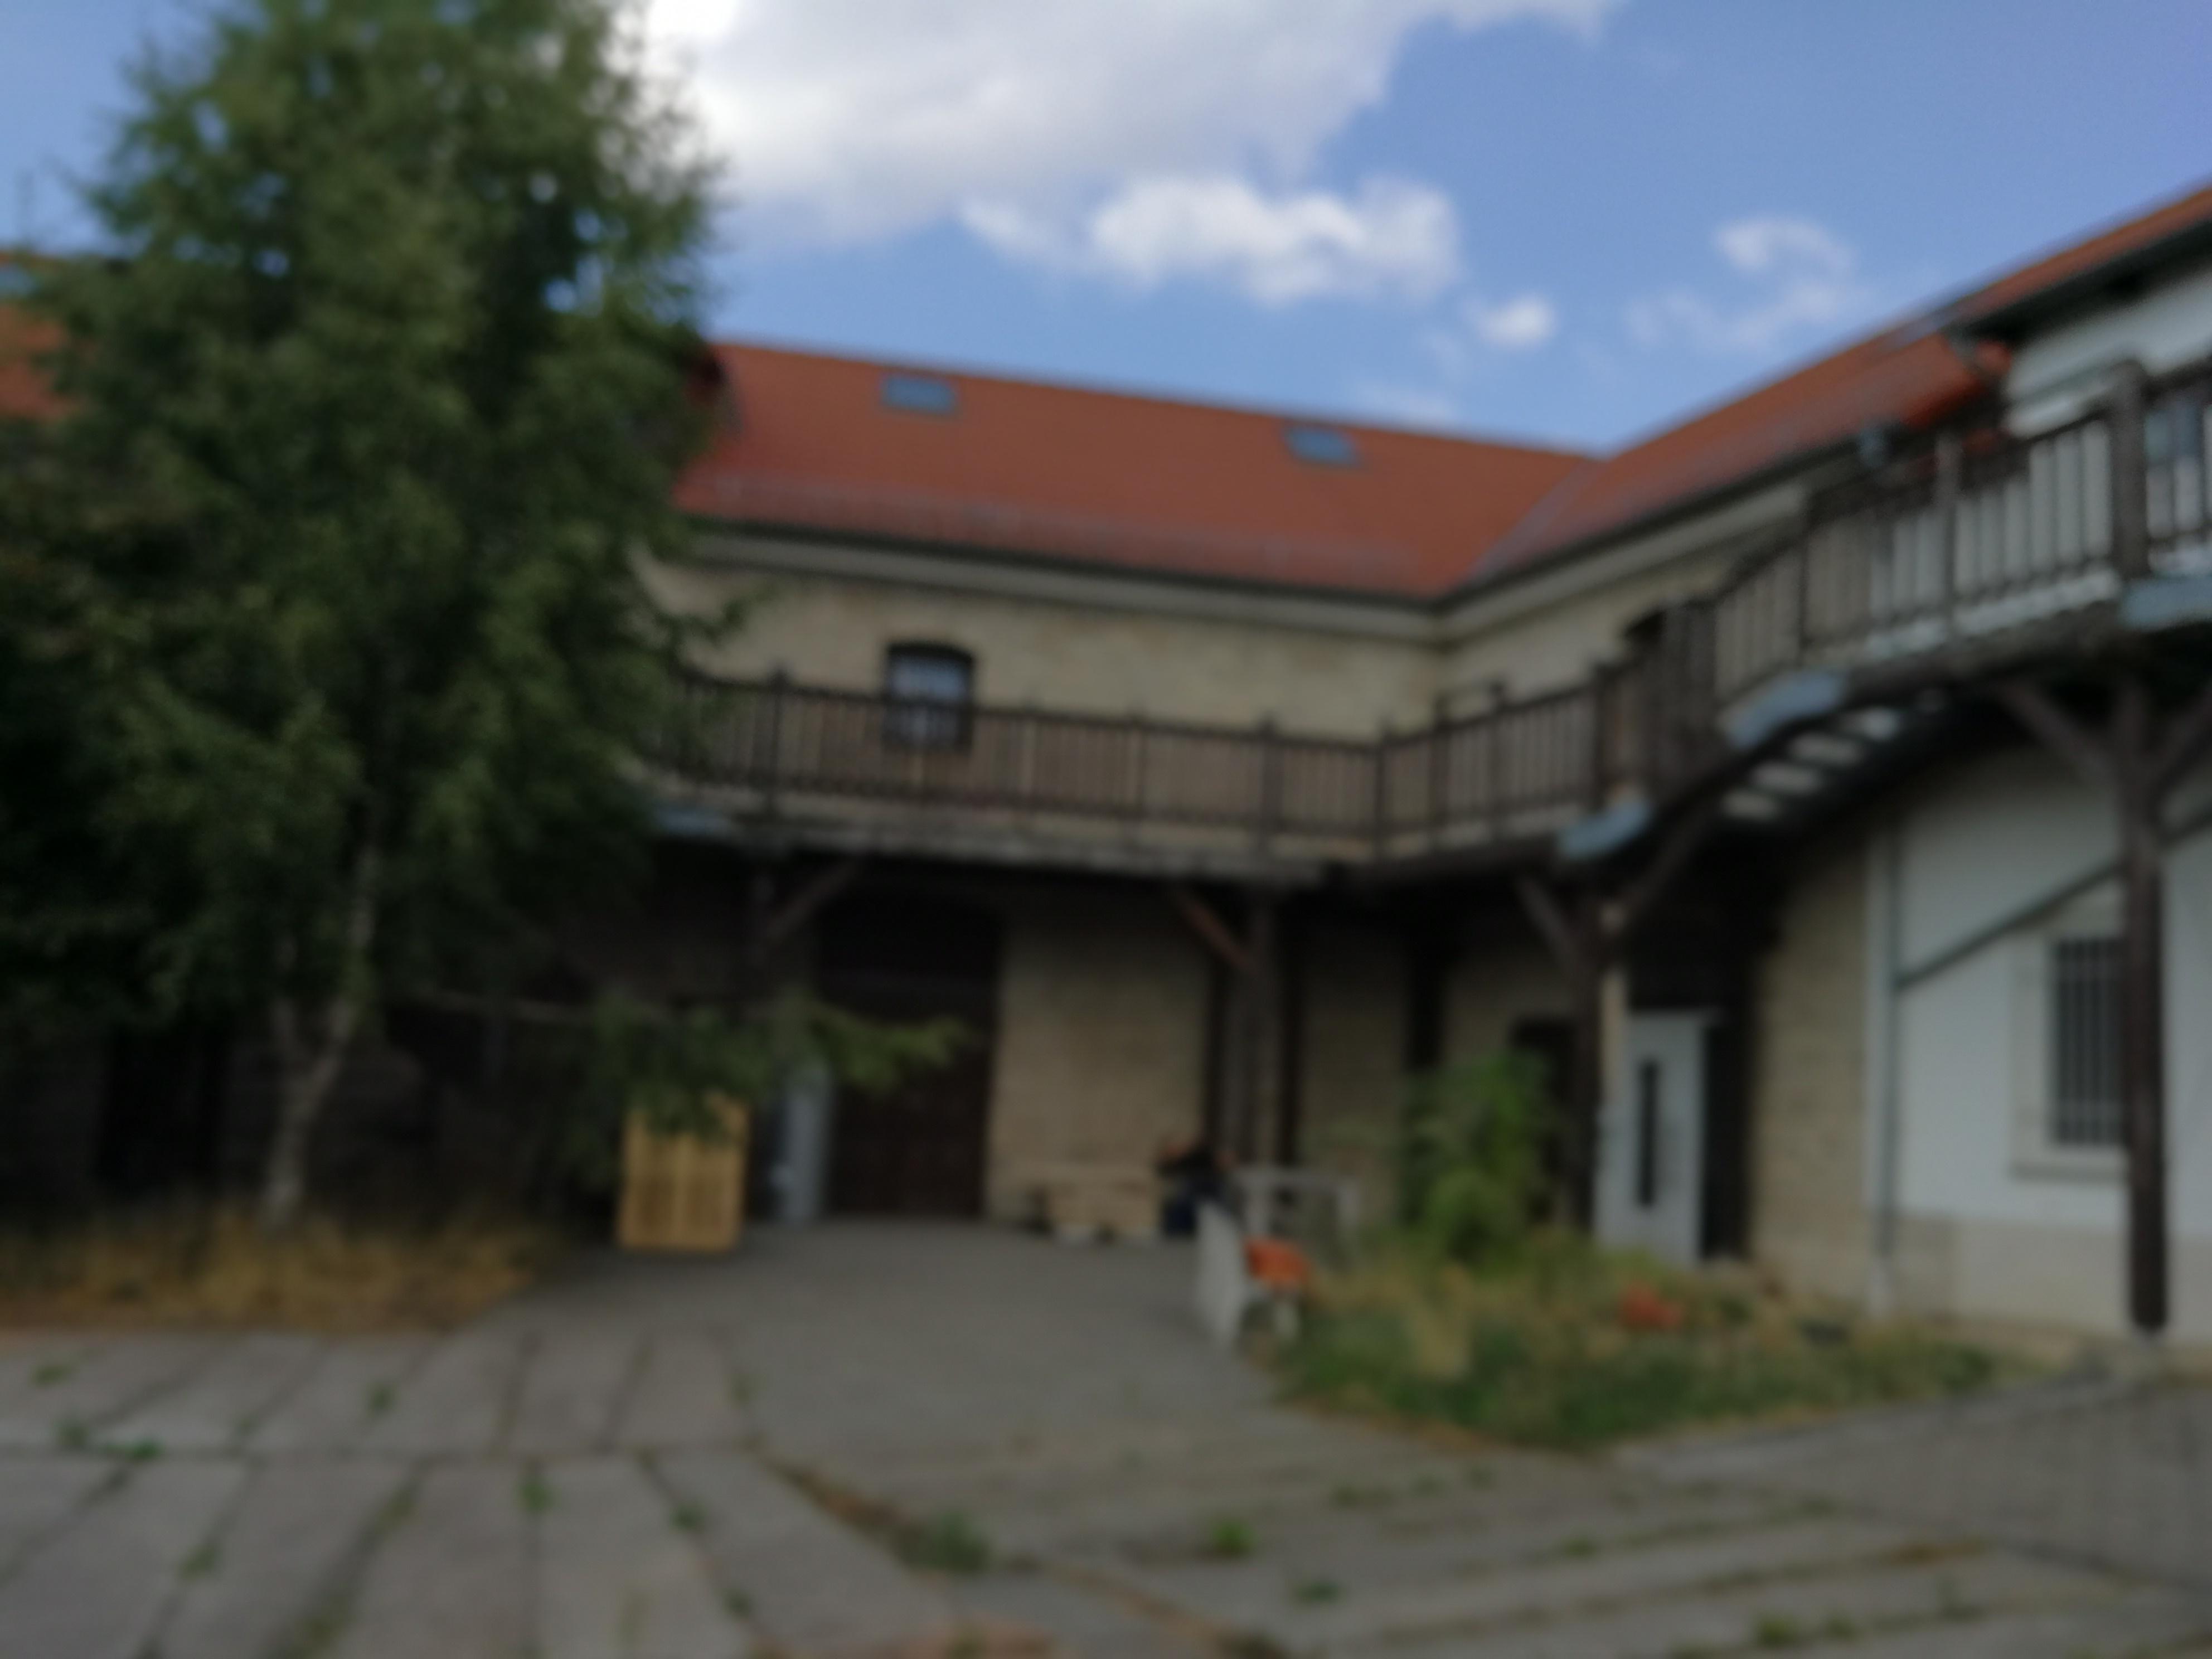 Gehöft in Berka, RAG Kyffhäuser e.V.